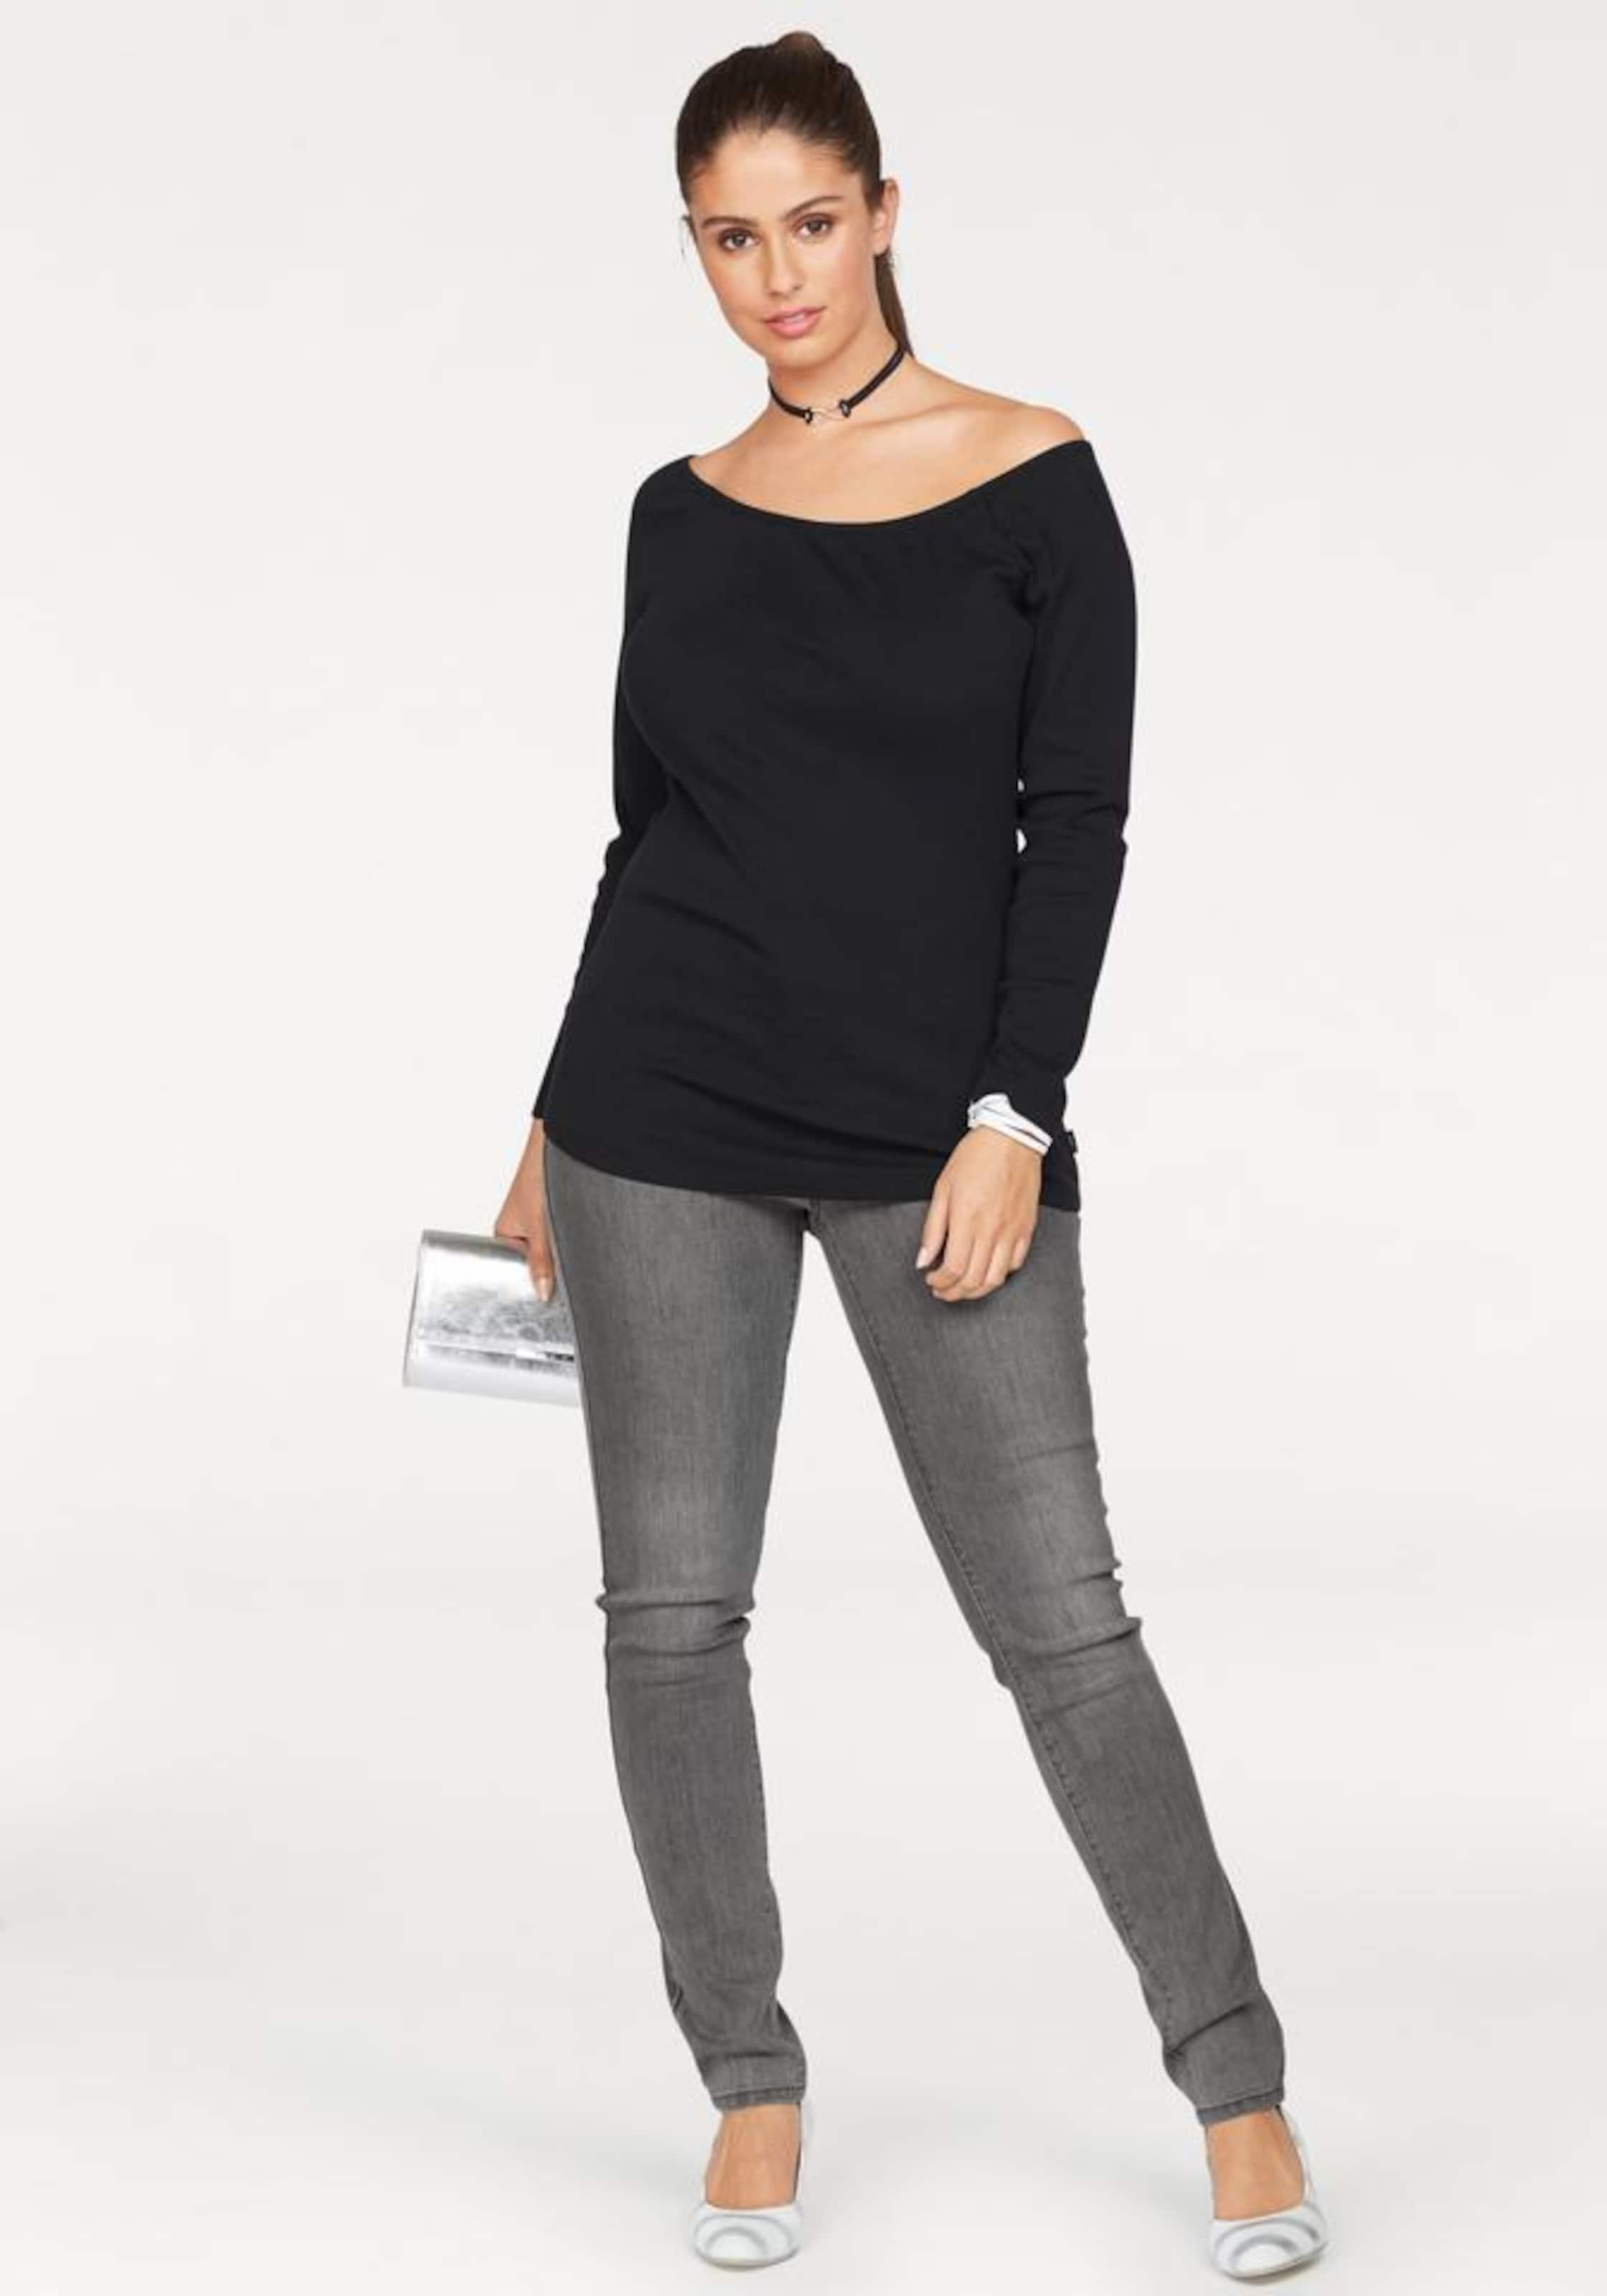 Räumungsverkauf Online 100% Original ARIZONA Carmenshirt 'Off-Shoulder' Billig Verkauf Erkunden Spielraum Erstaunlicher Preis l0RhQJ